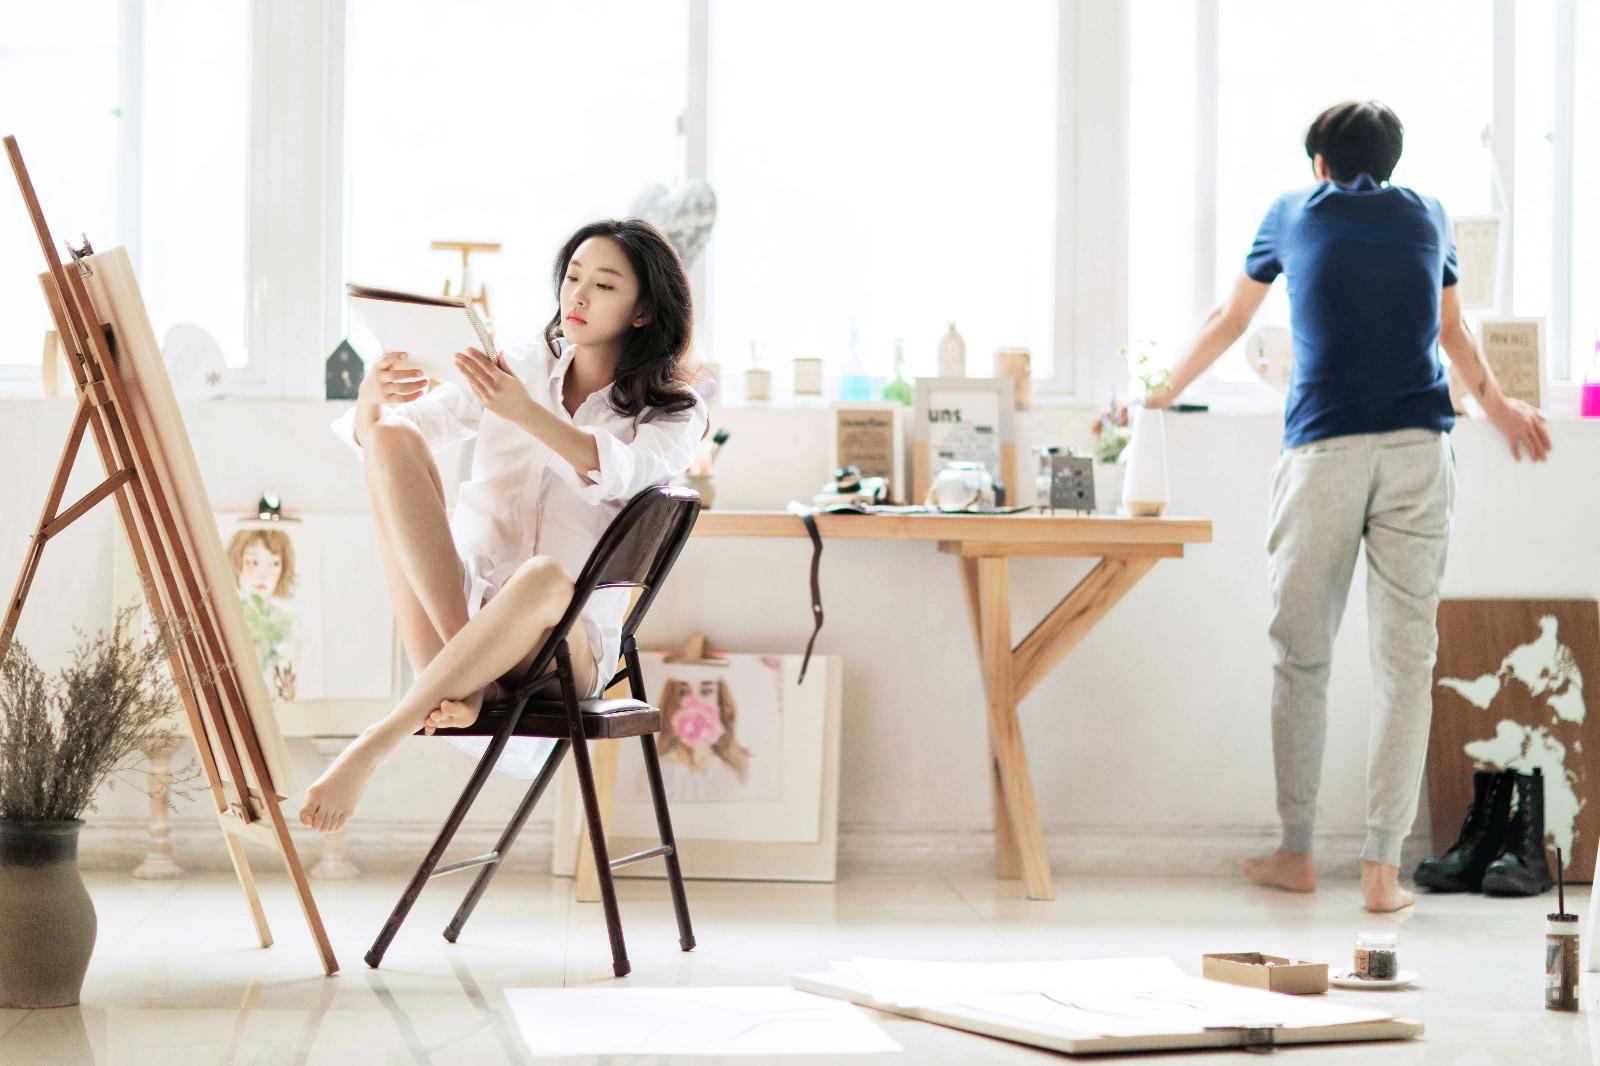 婚房装修全攻略卧室,你的婚房卧室怎样装修的